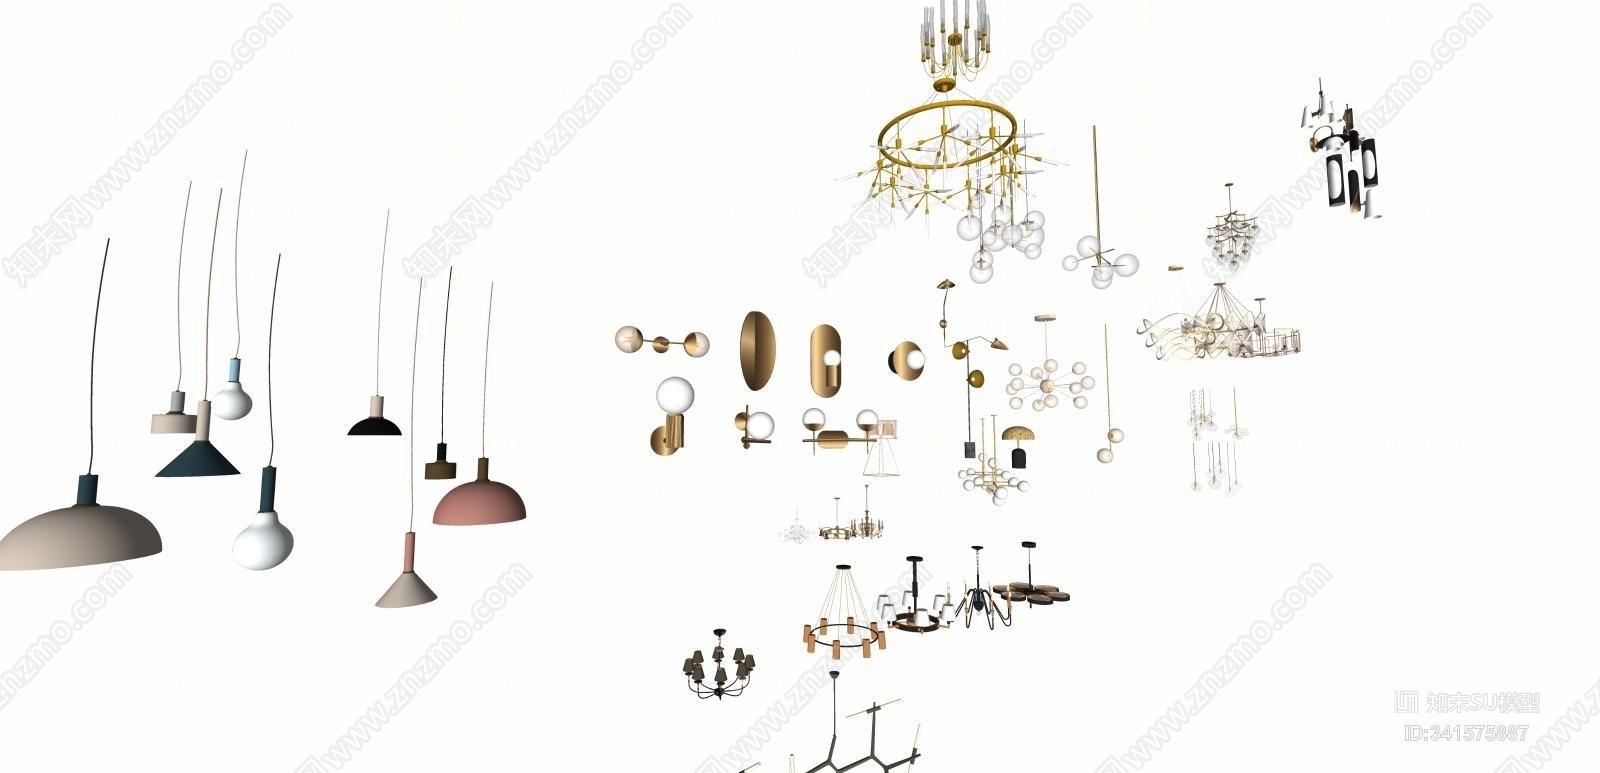 灯具 吊灯 壁灯